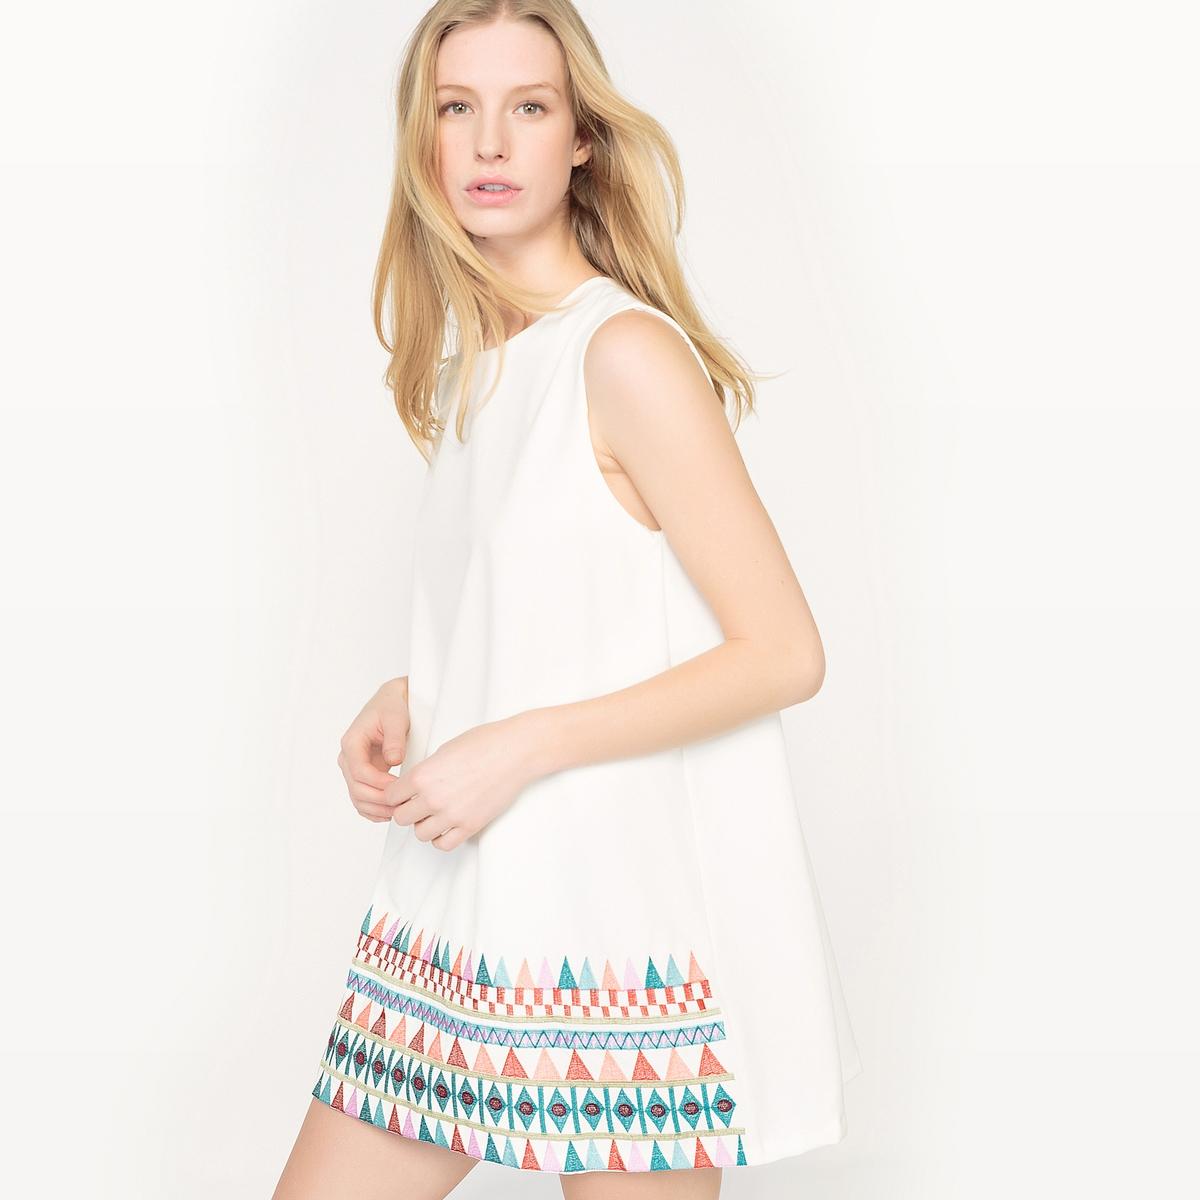 Платье-трапеция с вышивкойМатериал : 10% эластана, 90% полиэстера  Длина рукава : без рукавов  Форма воротника : круглый вырез Покрой платья : платье прямого покроя    Рисунок : графический   Длина платья : короткое<br><br>Цвет: белый,черный<br>Размер: XL.M.S.M.XL